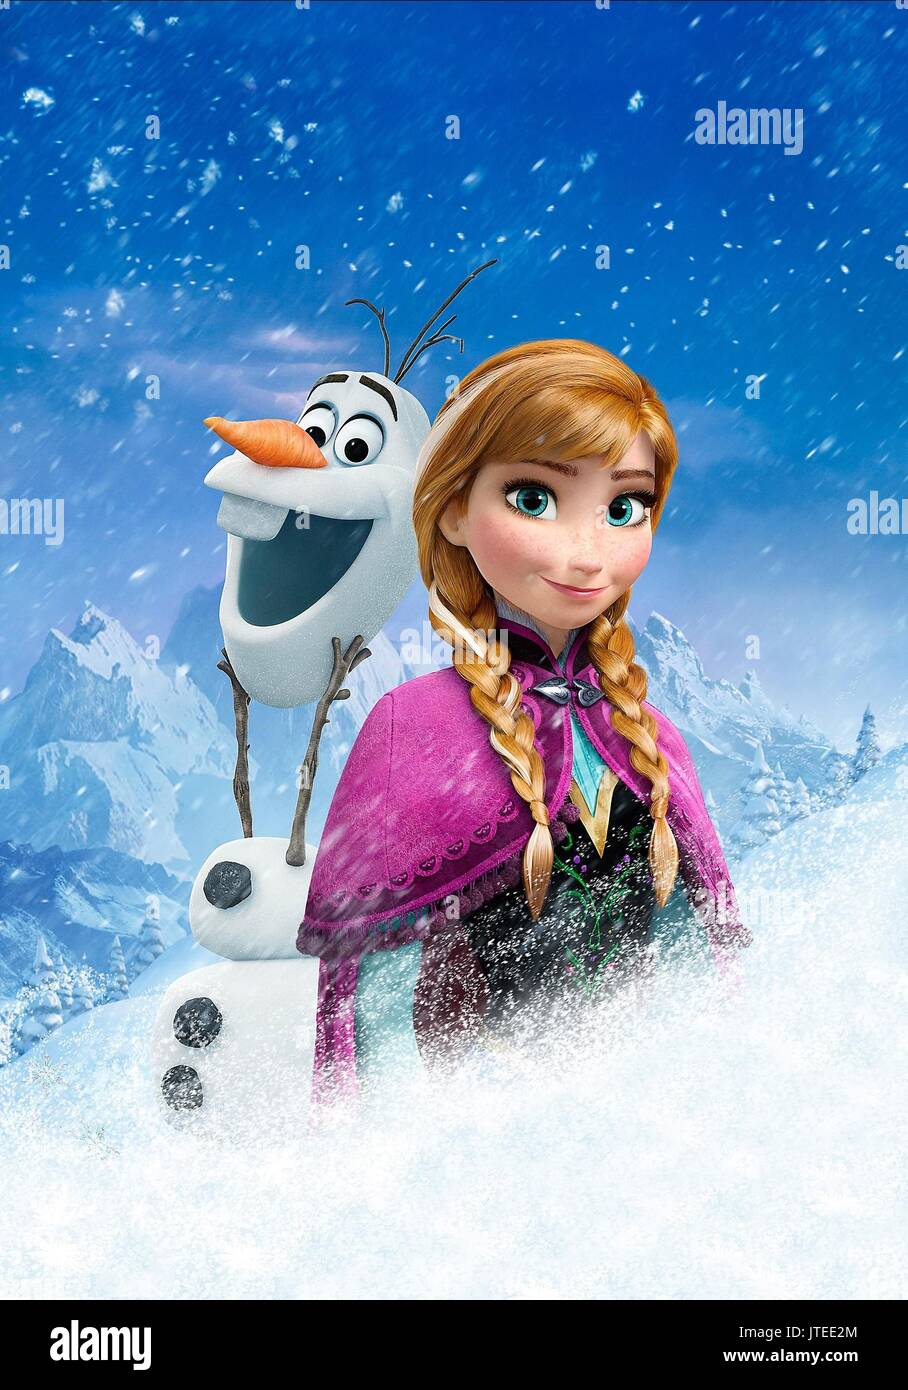 Download Frozen 2013 Online